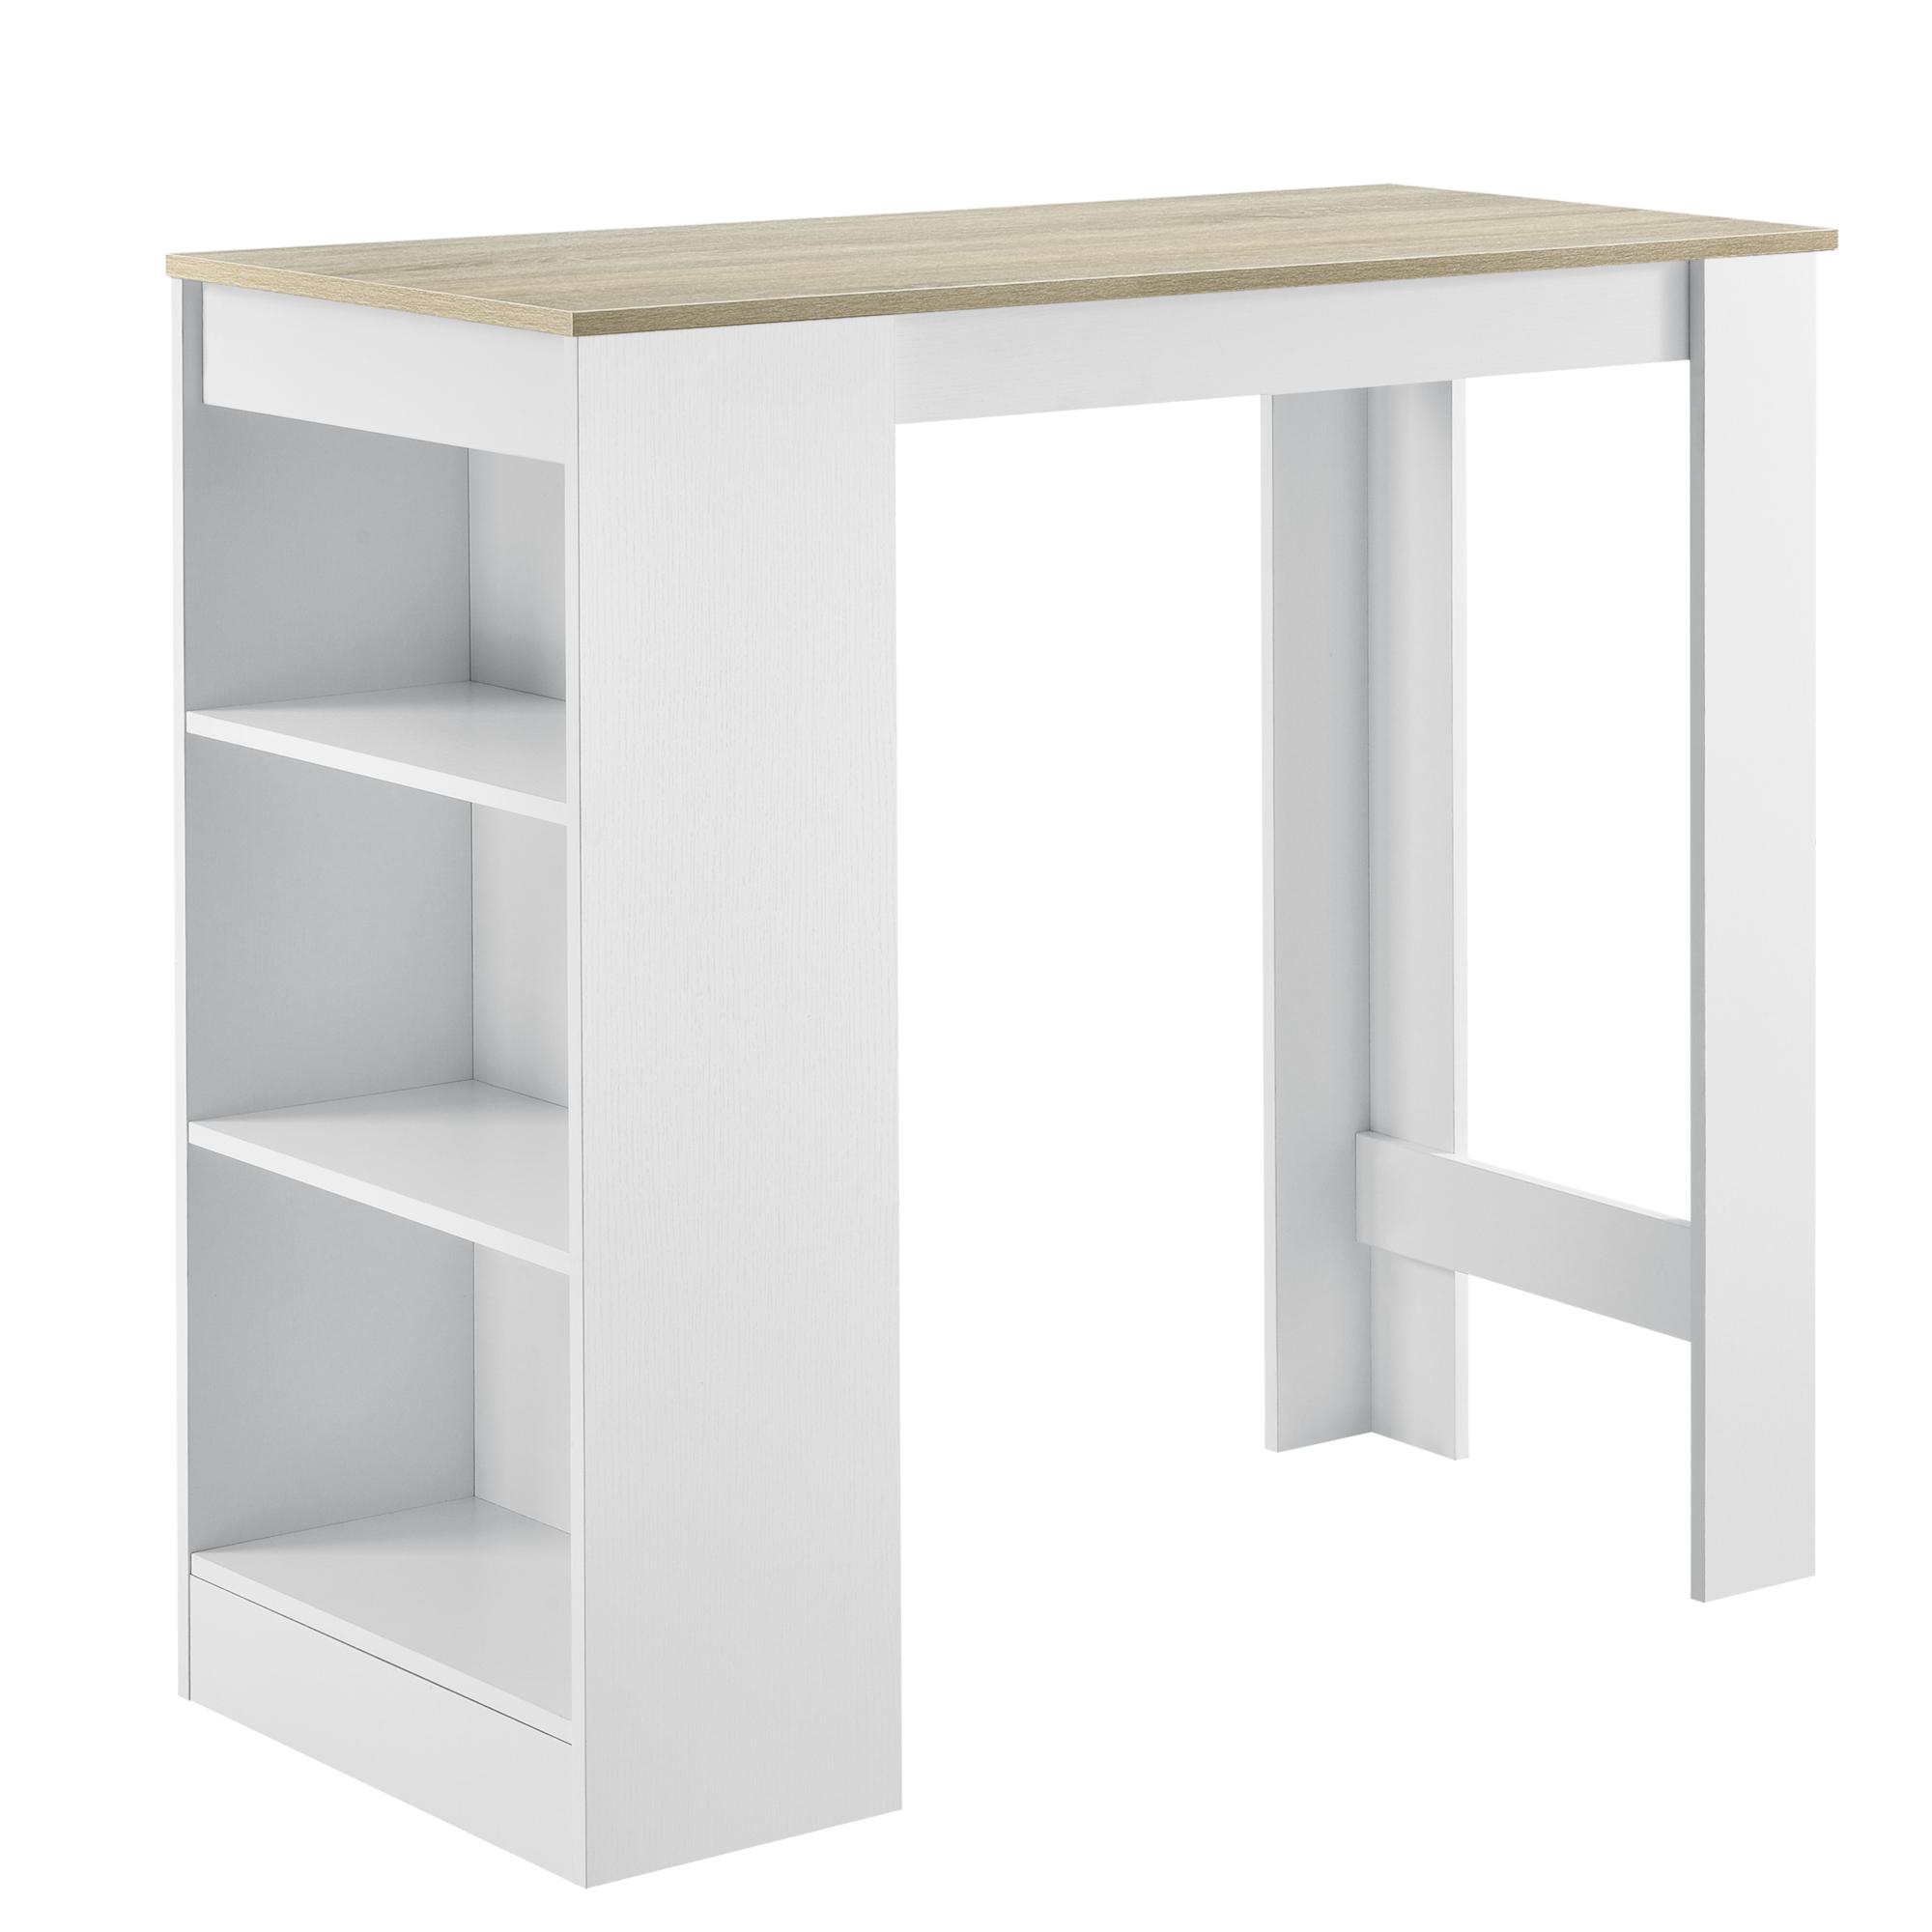 Table Haute Avec Rangement détails sur table de bar avec rangement table bistro 3 Étagères  110x50x103cm blanc chêne